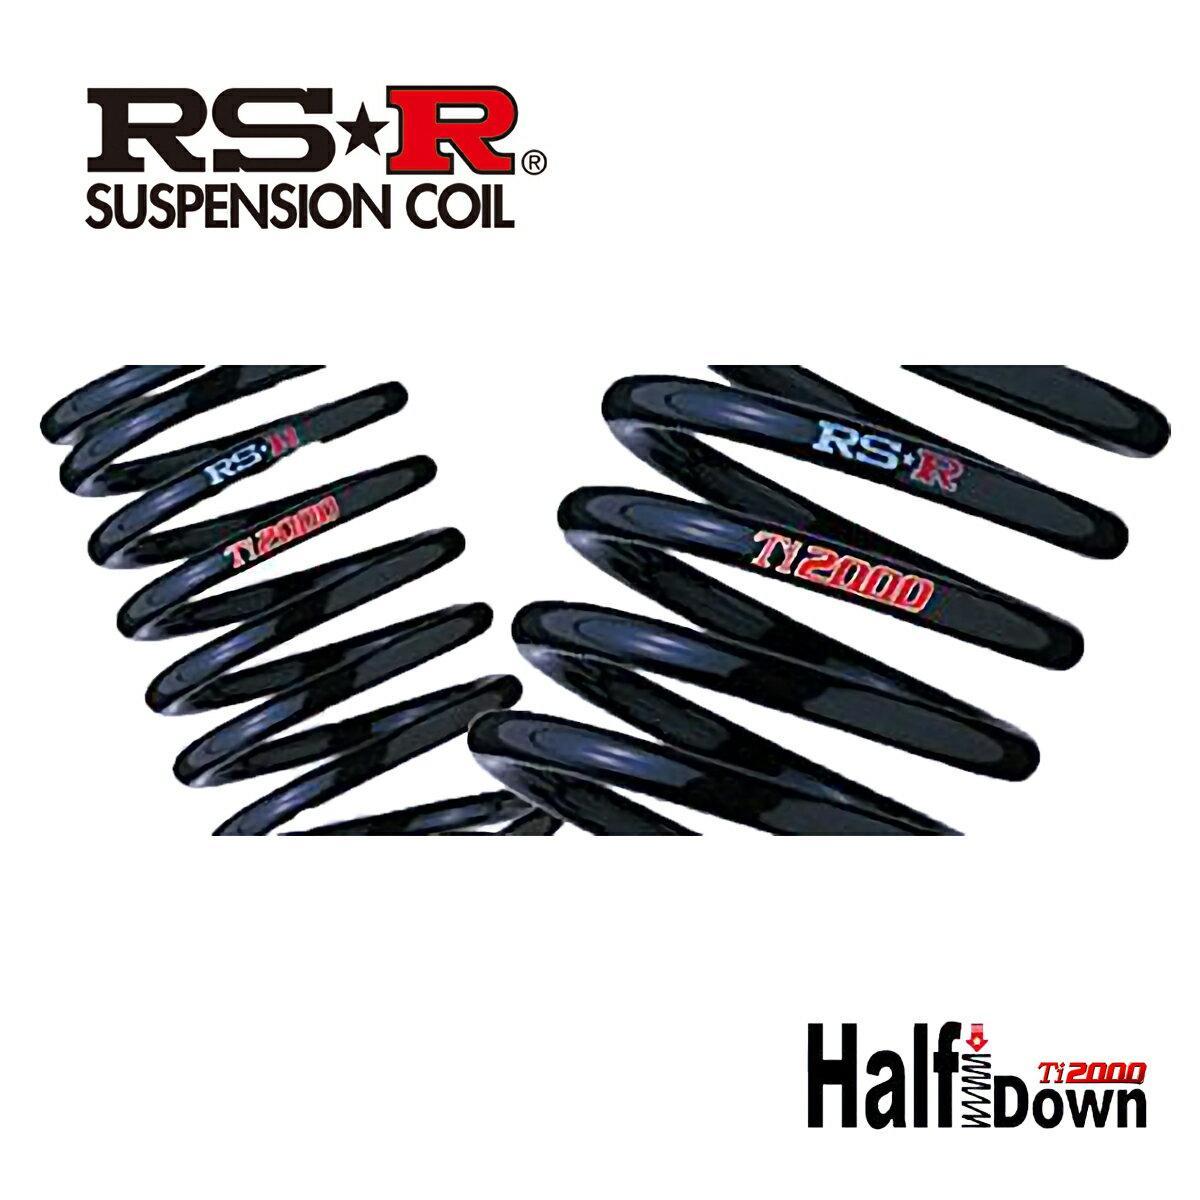 RS-R エブリィワゴン PZターボ DA17W ダウンサス スプリング フロントのみ S650THDF Ti2000 ハーフダウン RSR 個人宅発送追金有